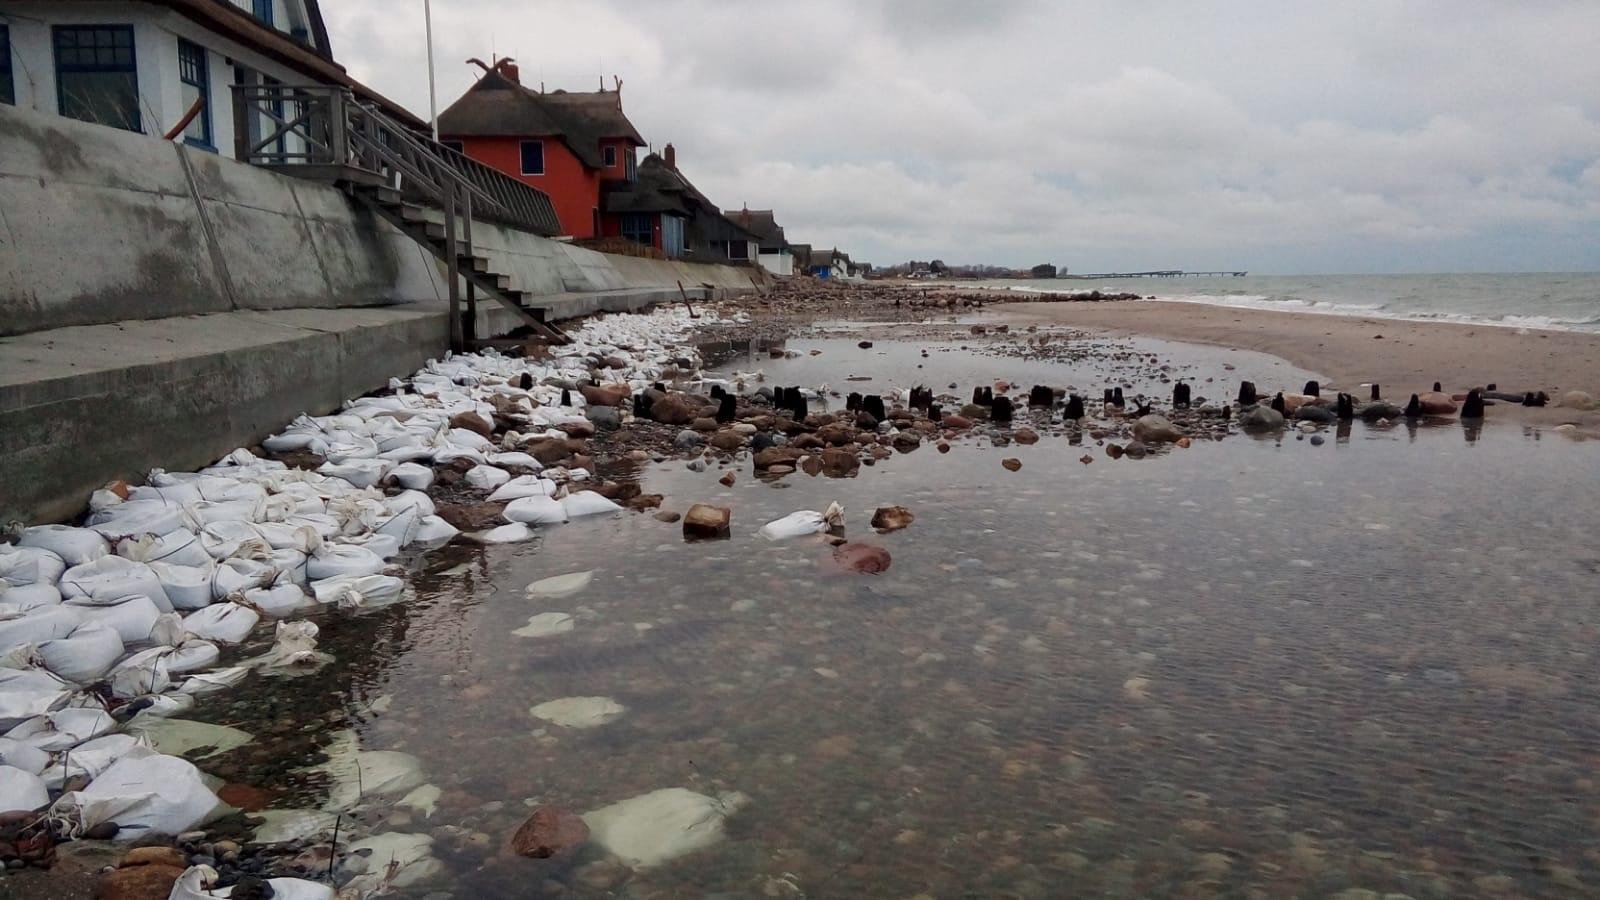 Nach dem Hochwasser am 09.01.2019 sind die Villen auf dem Graswarder nun völlig ungeschützt